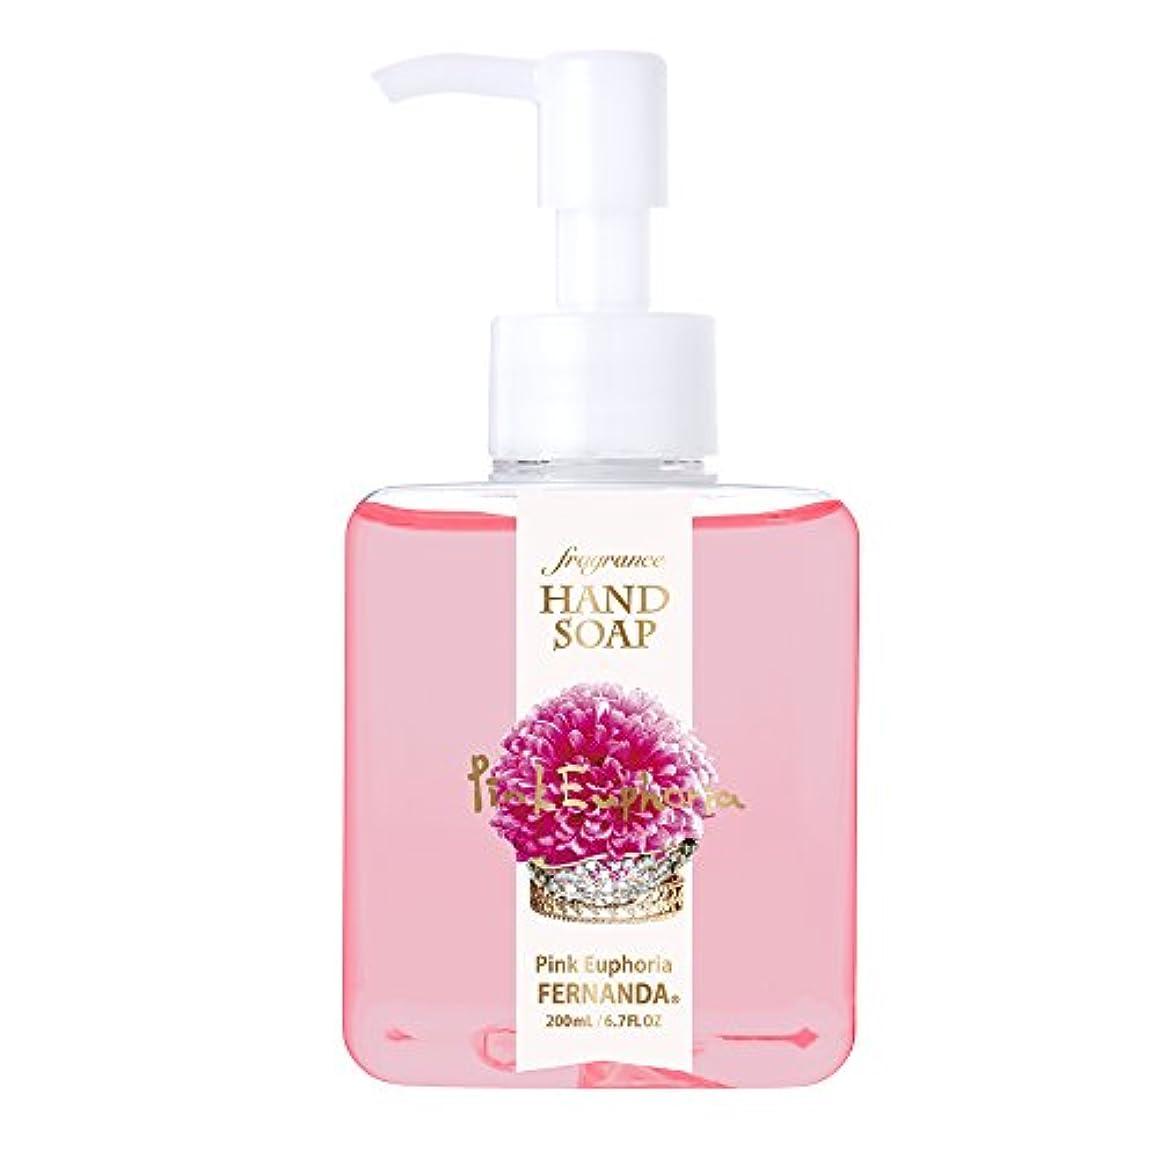 存在近所の平野FERNANDA(フェルナンダ) Fragrance Hand Soap Pink Euphoria (ハンドソープ ピンクエウフォリア)